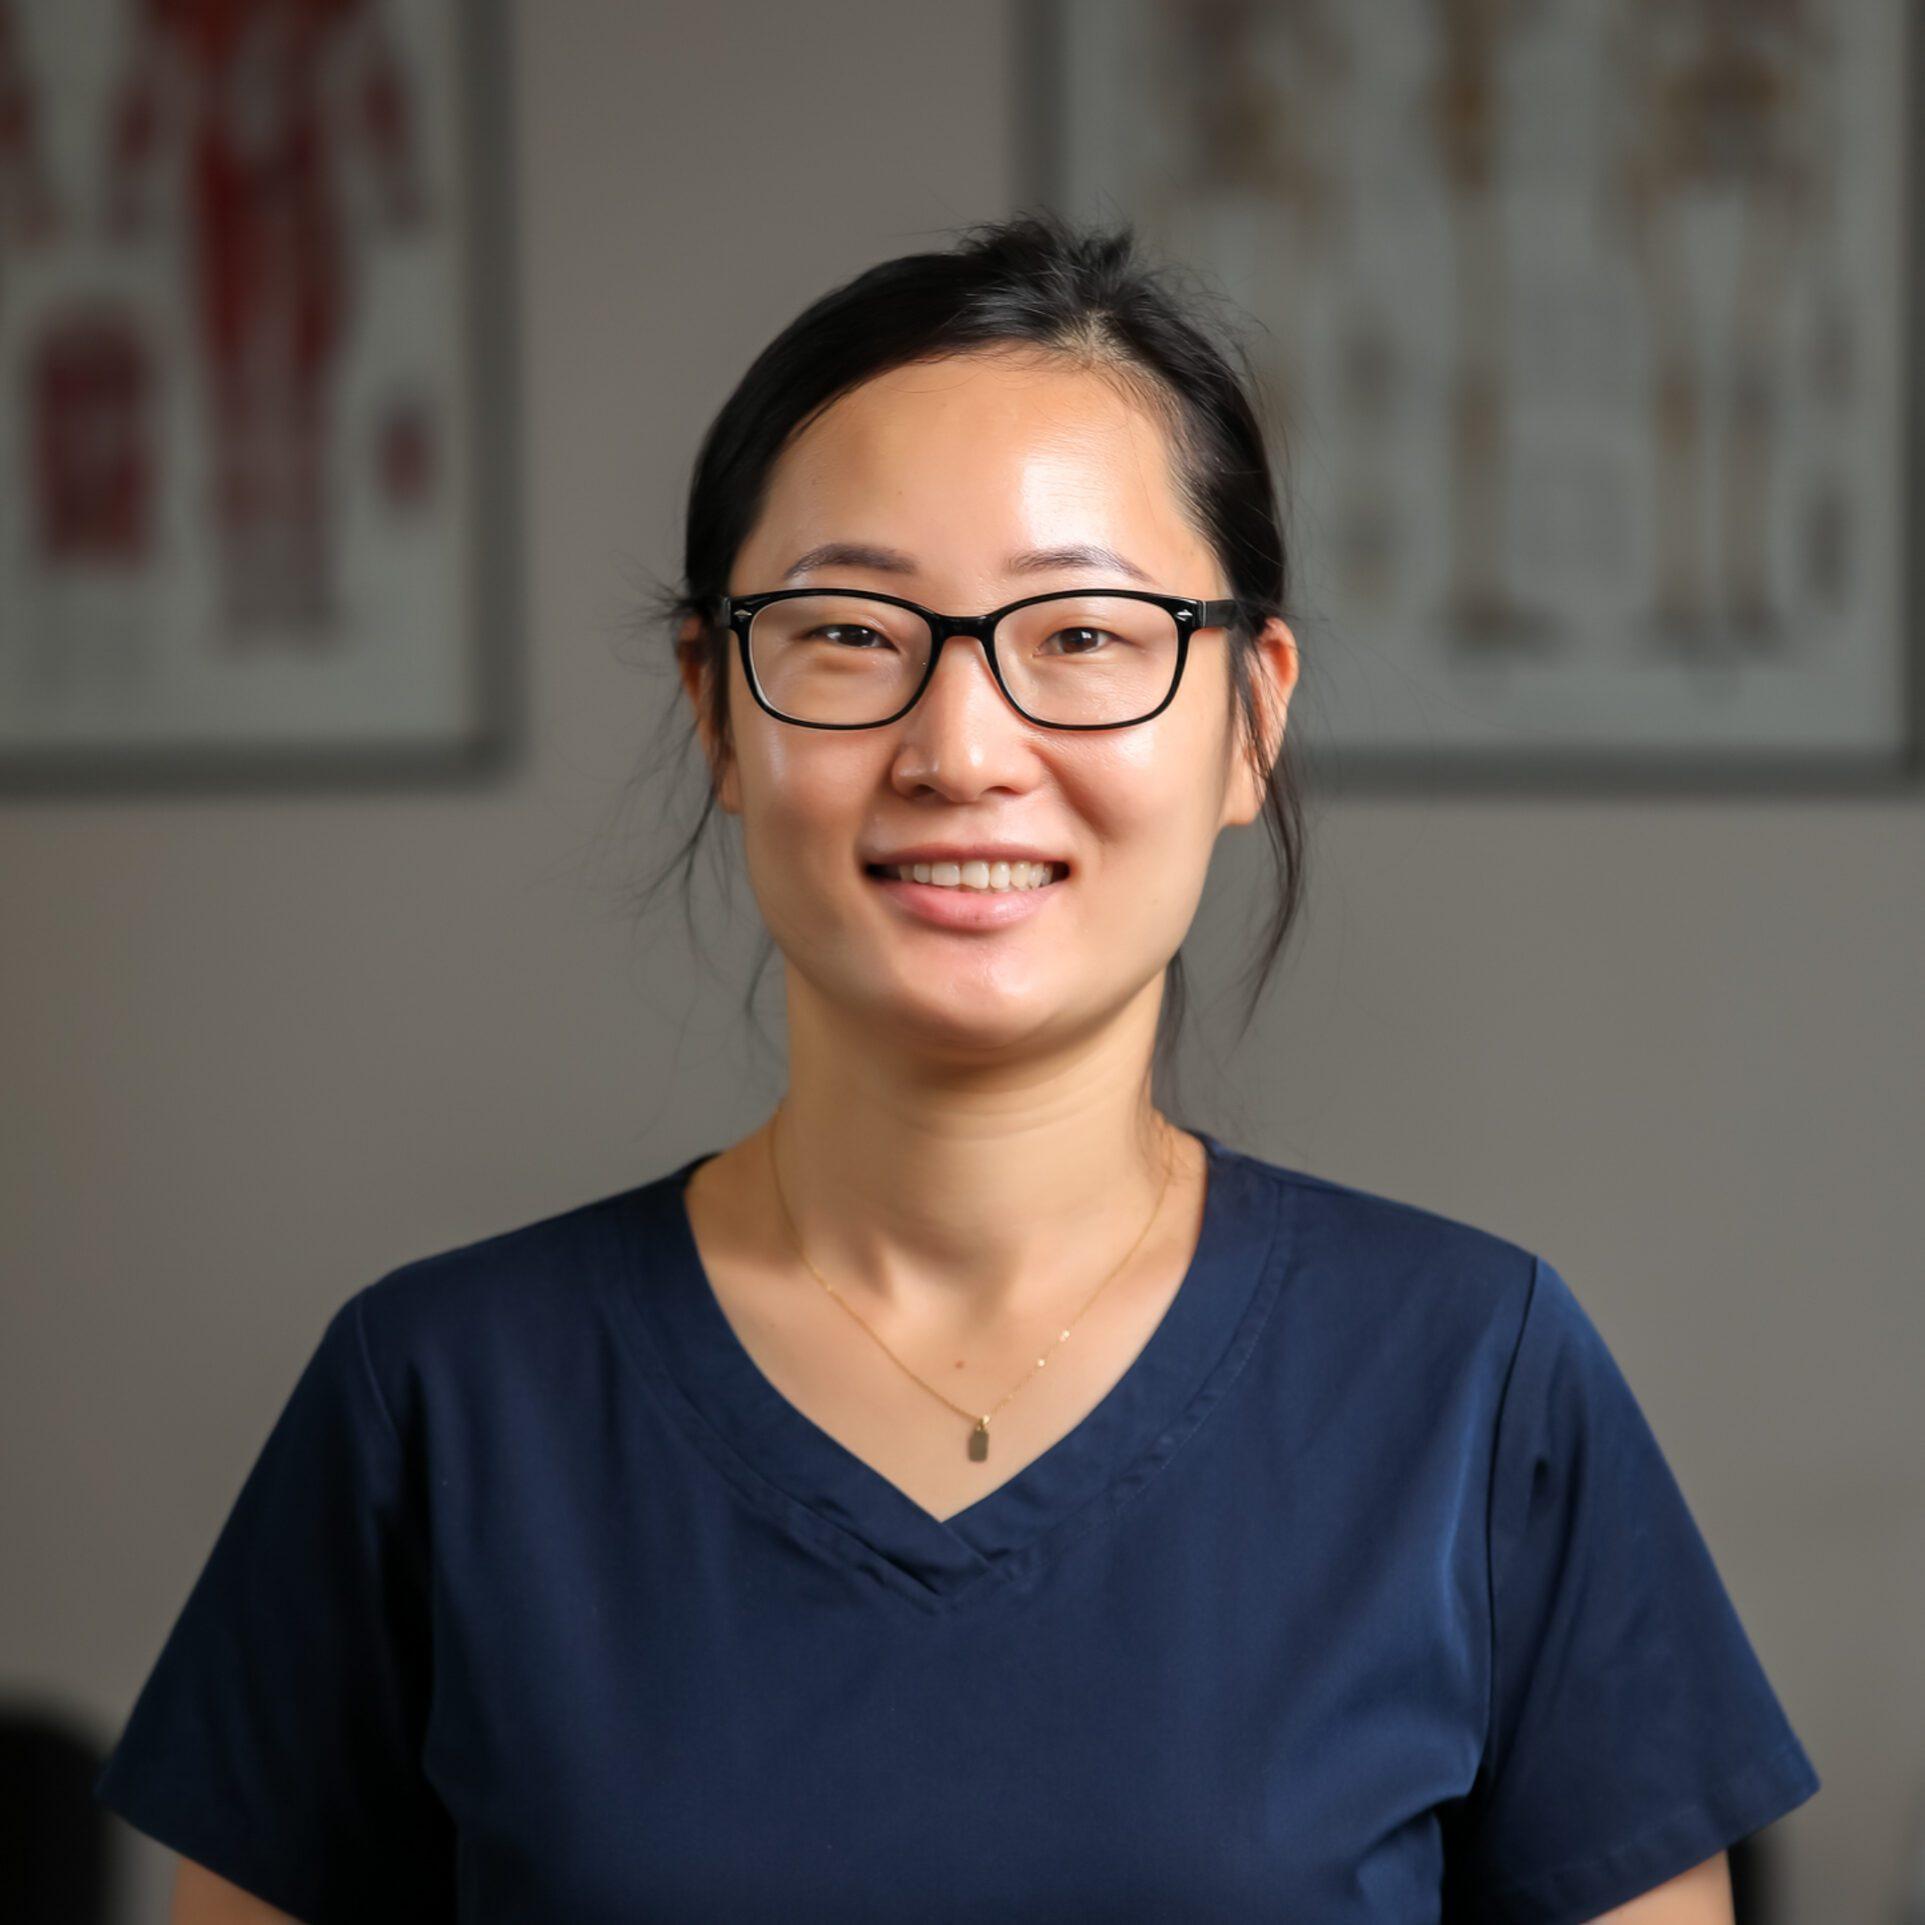 Dr. Jung Rim Bae